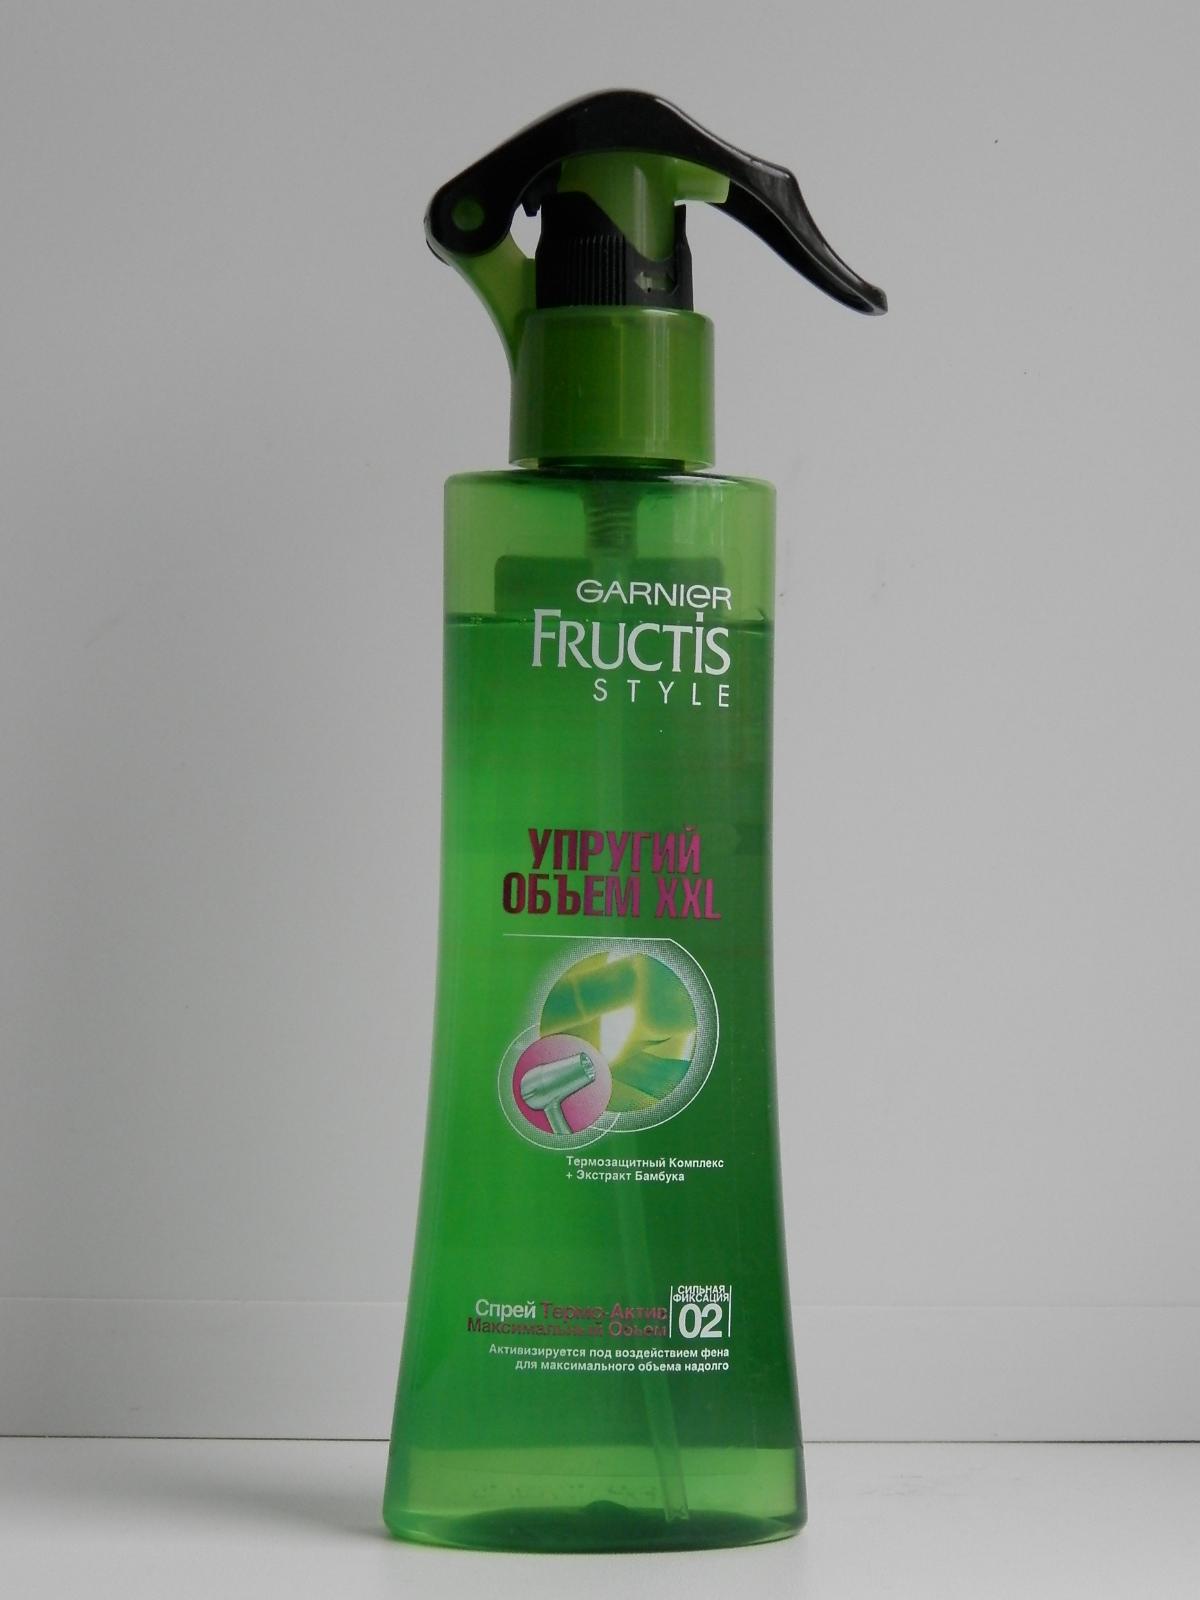 Спрей для волос фруктис-отзывы